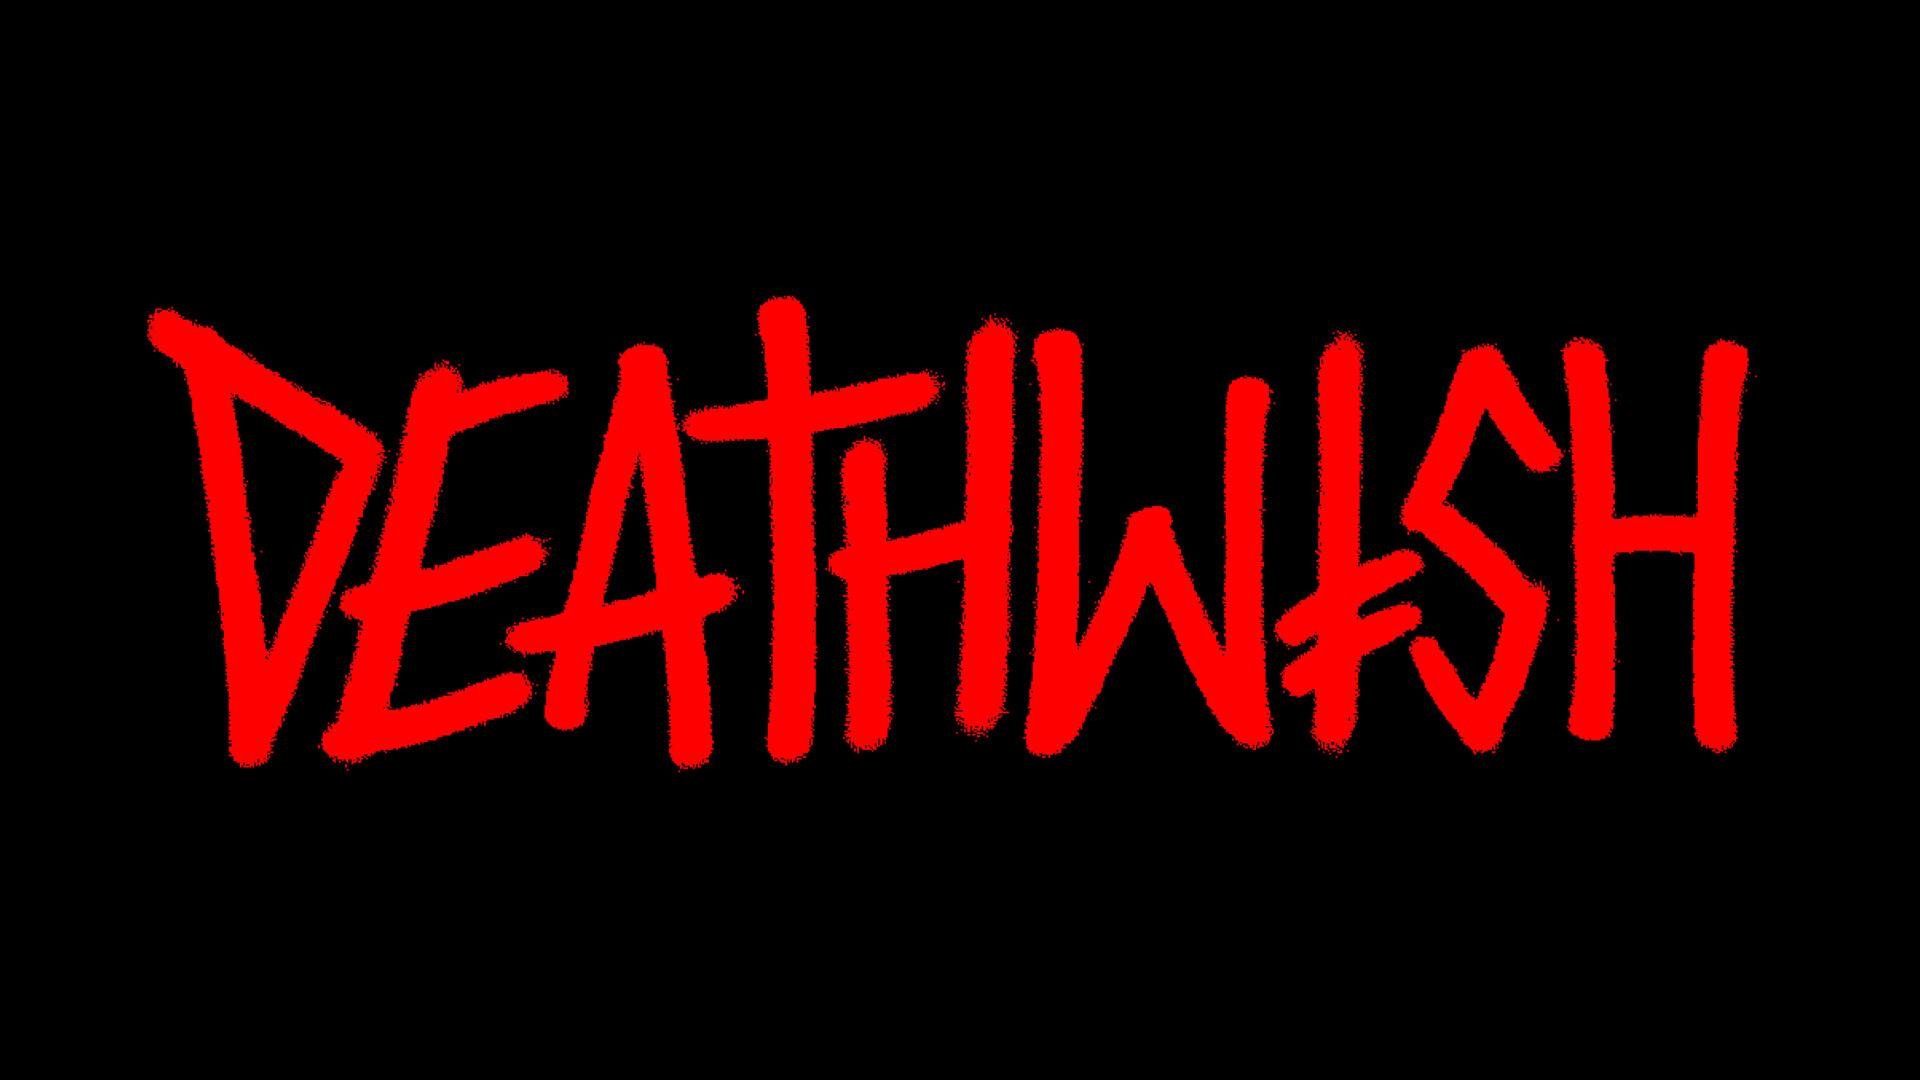 Death Wish Skateboards wallpaper – 673425